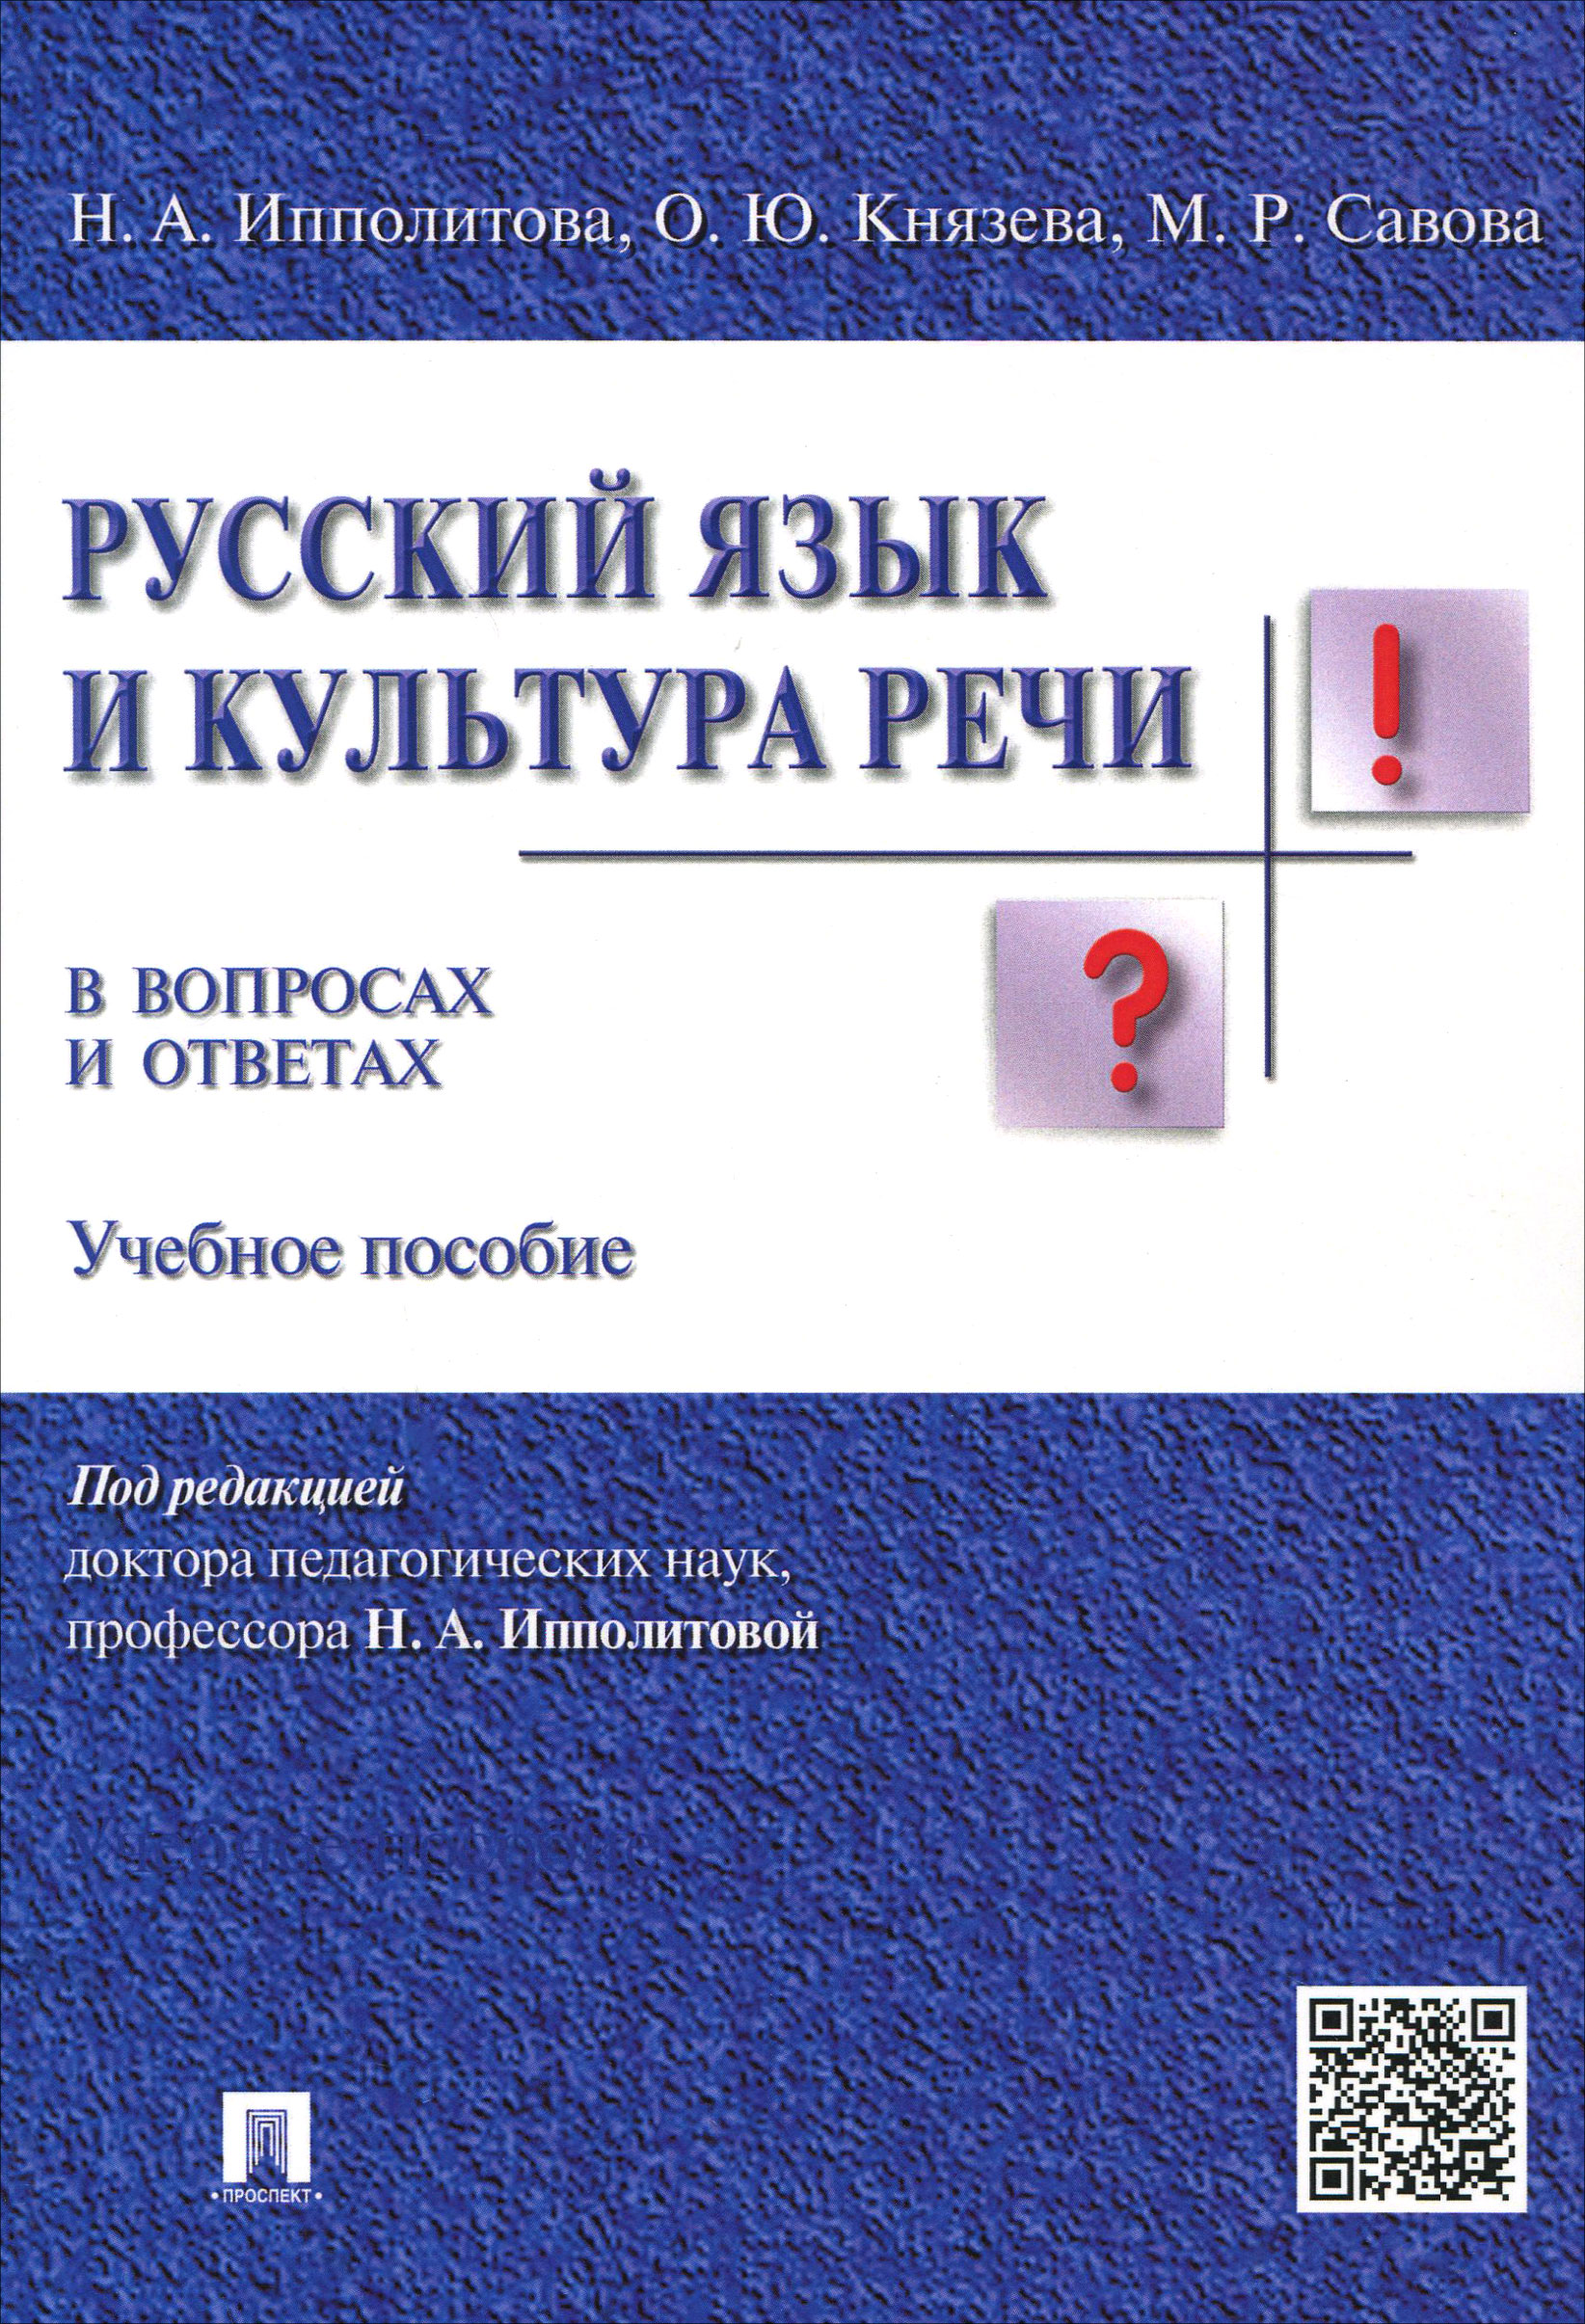 Русский язык и культура речи в вопросах и ответах. Учебное пособие